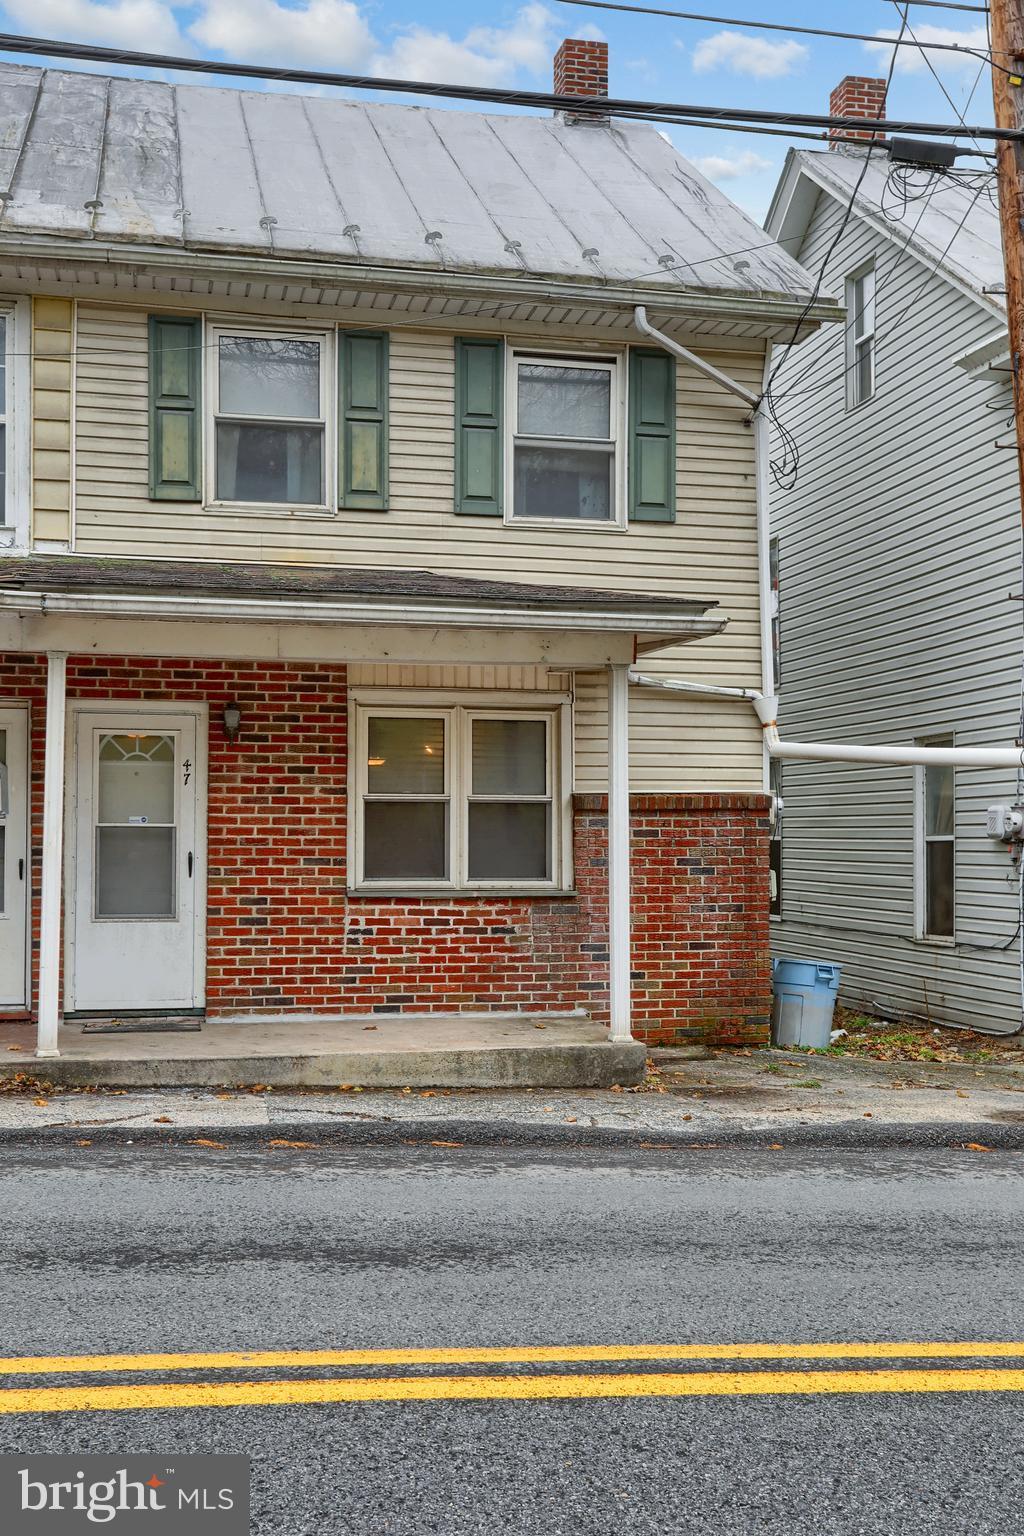 47 S MARKET STREET, MILLERSTOWN, PA 17062